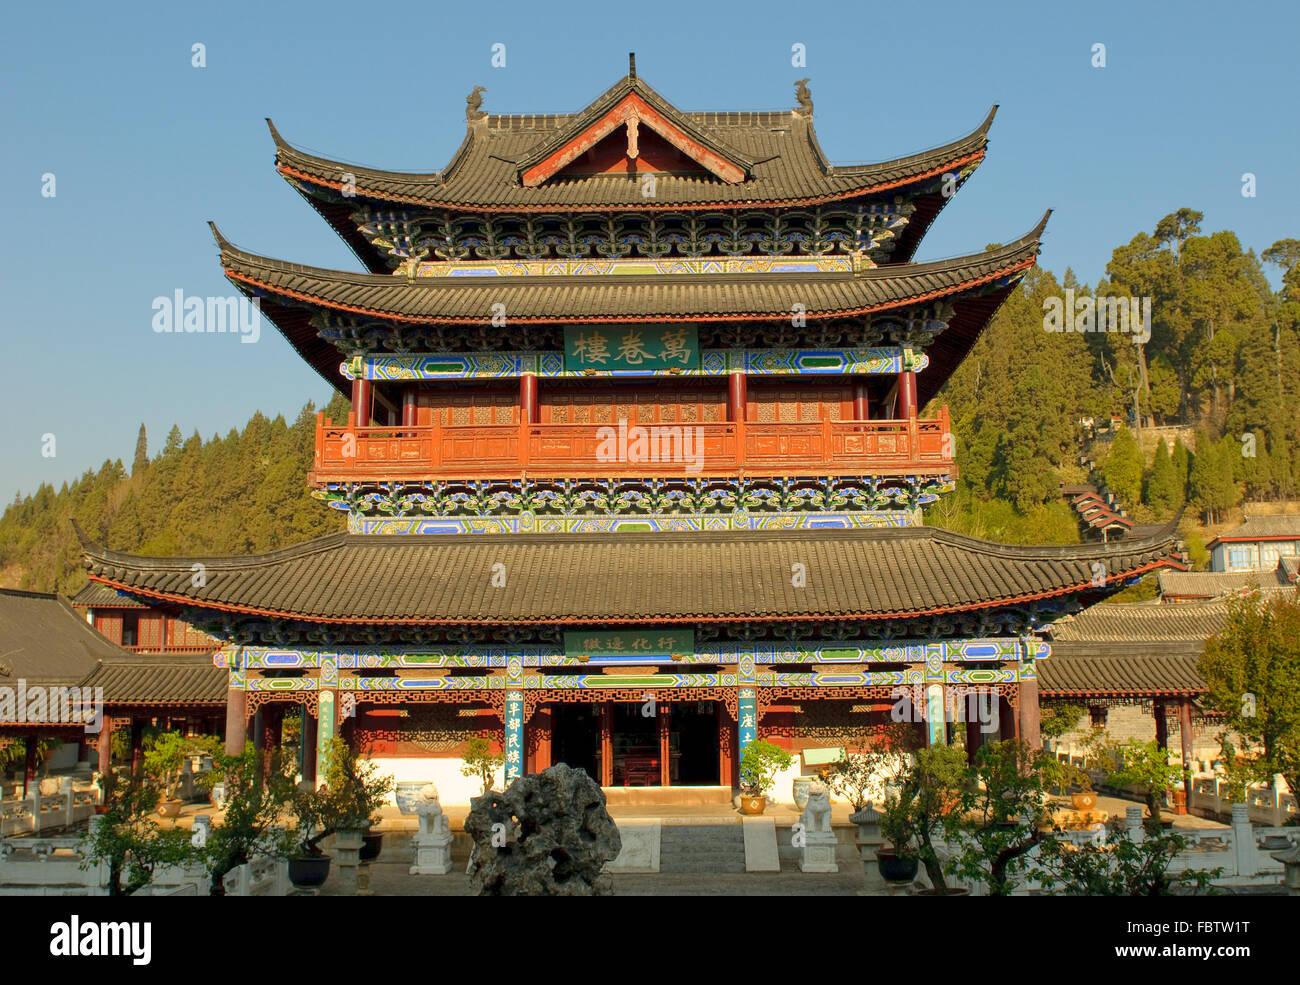 mu residence, lijiang old town, yunnan, china - Stock Image